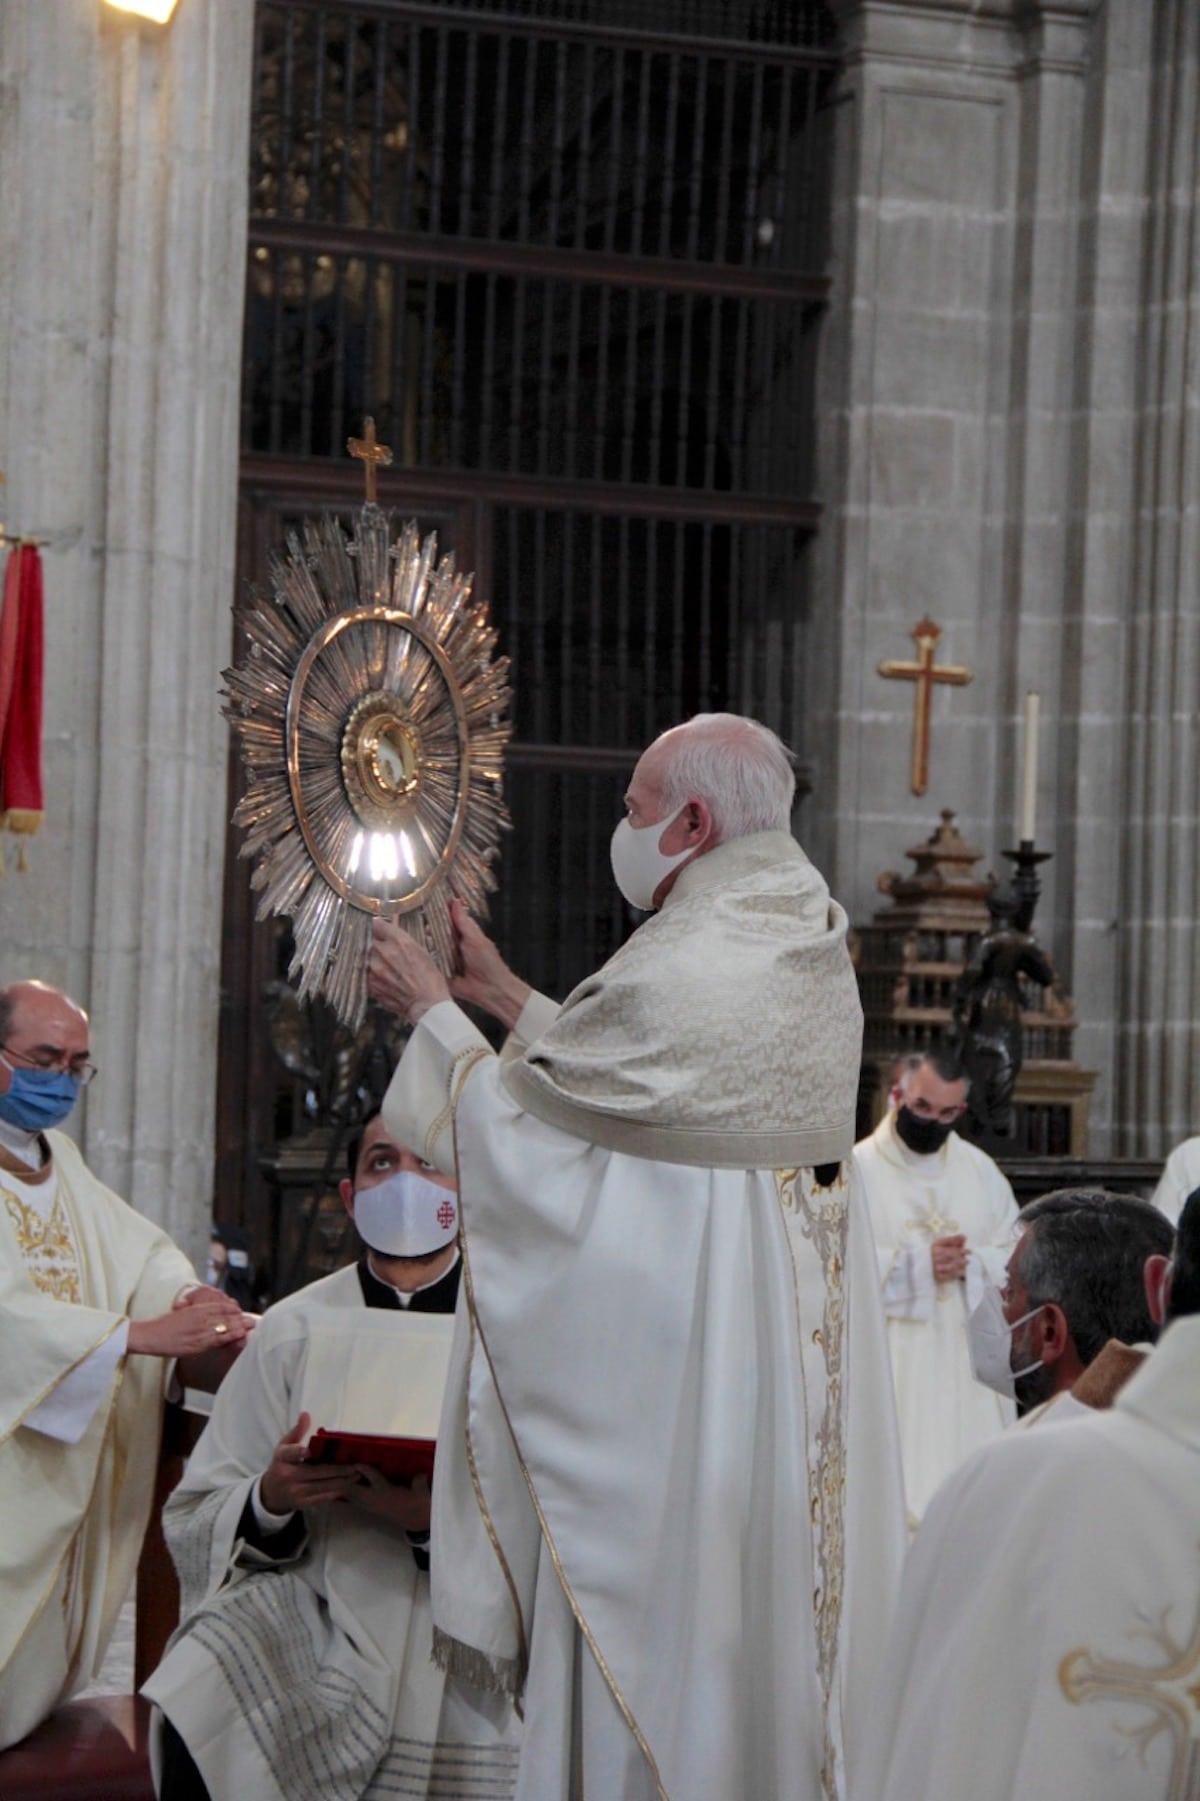 El Arzobispo de Mexico celebró la Solemnidad de Corpus Christi en la Catedral Metropolitana. Foto: Alejandro García